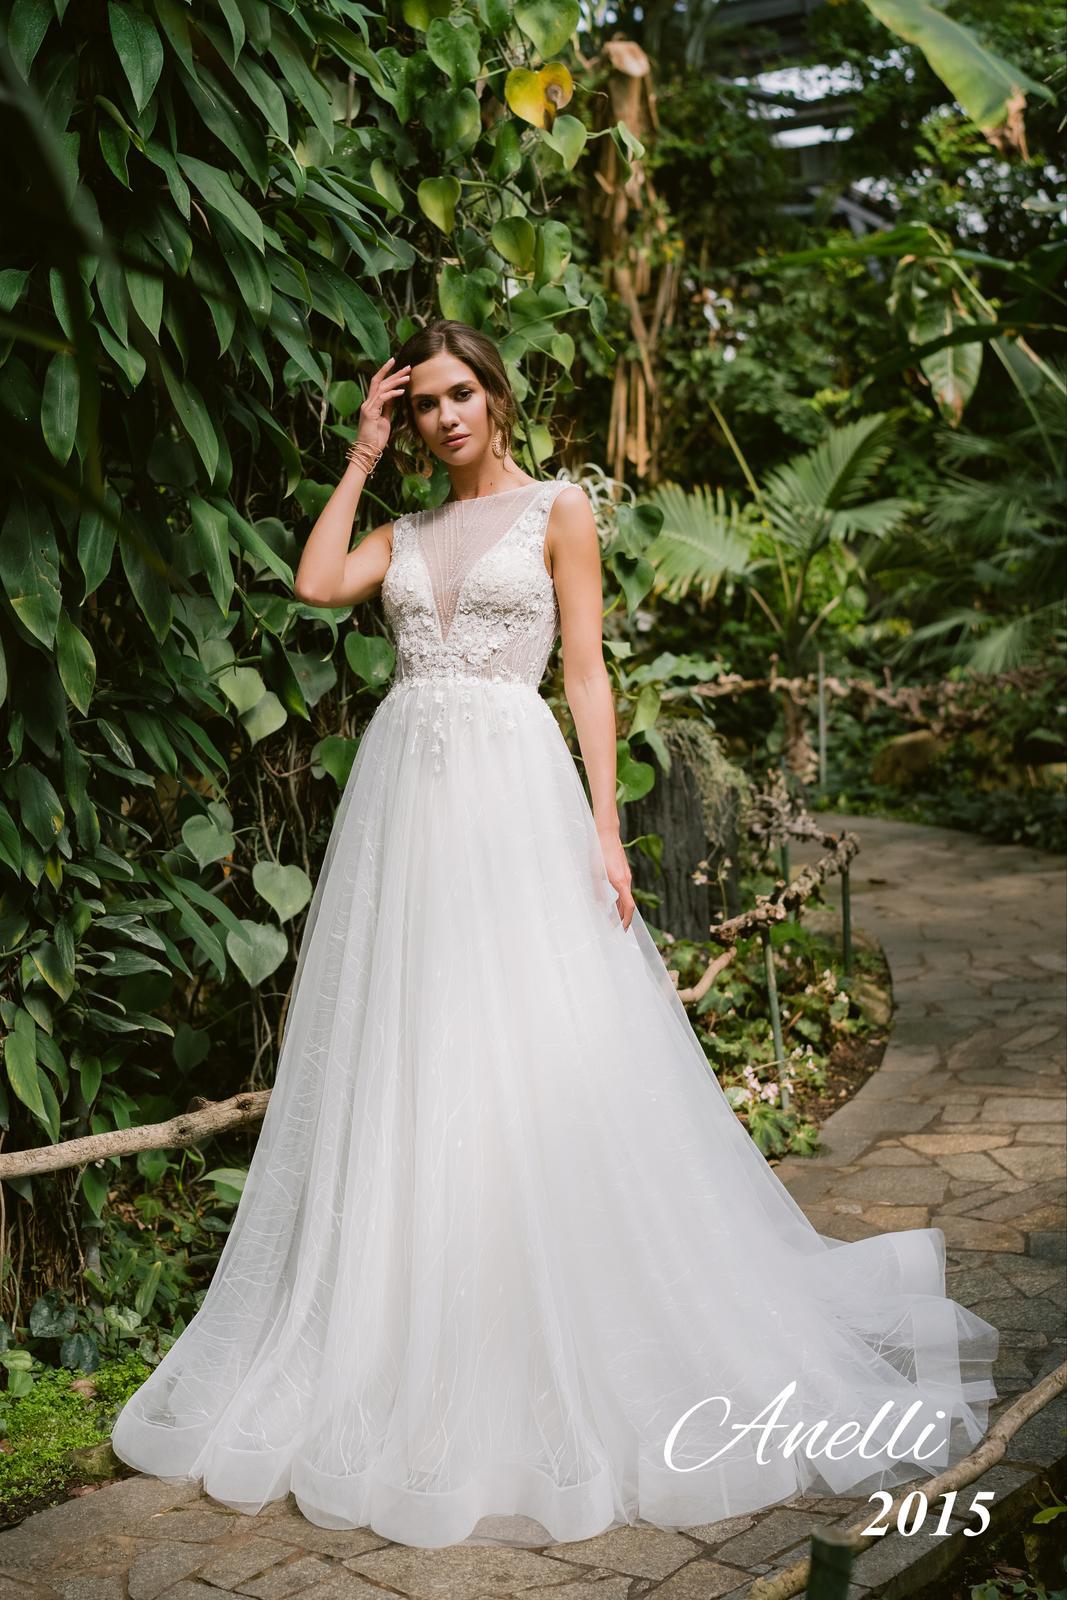 Svadobné šaty - Breeze 2015 - Obrázok č. 2